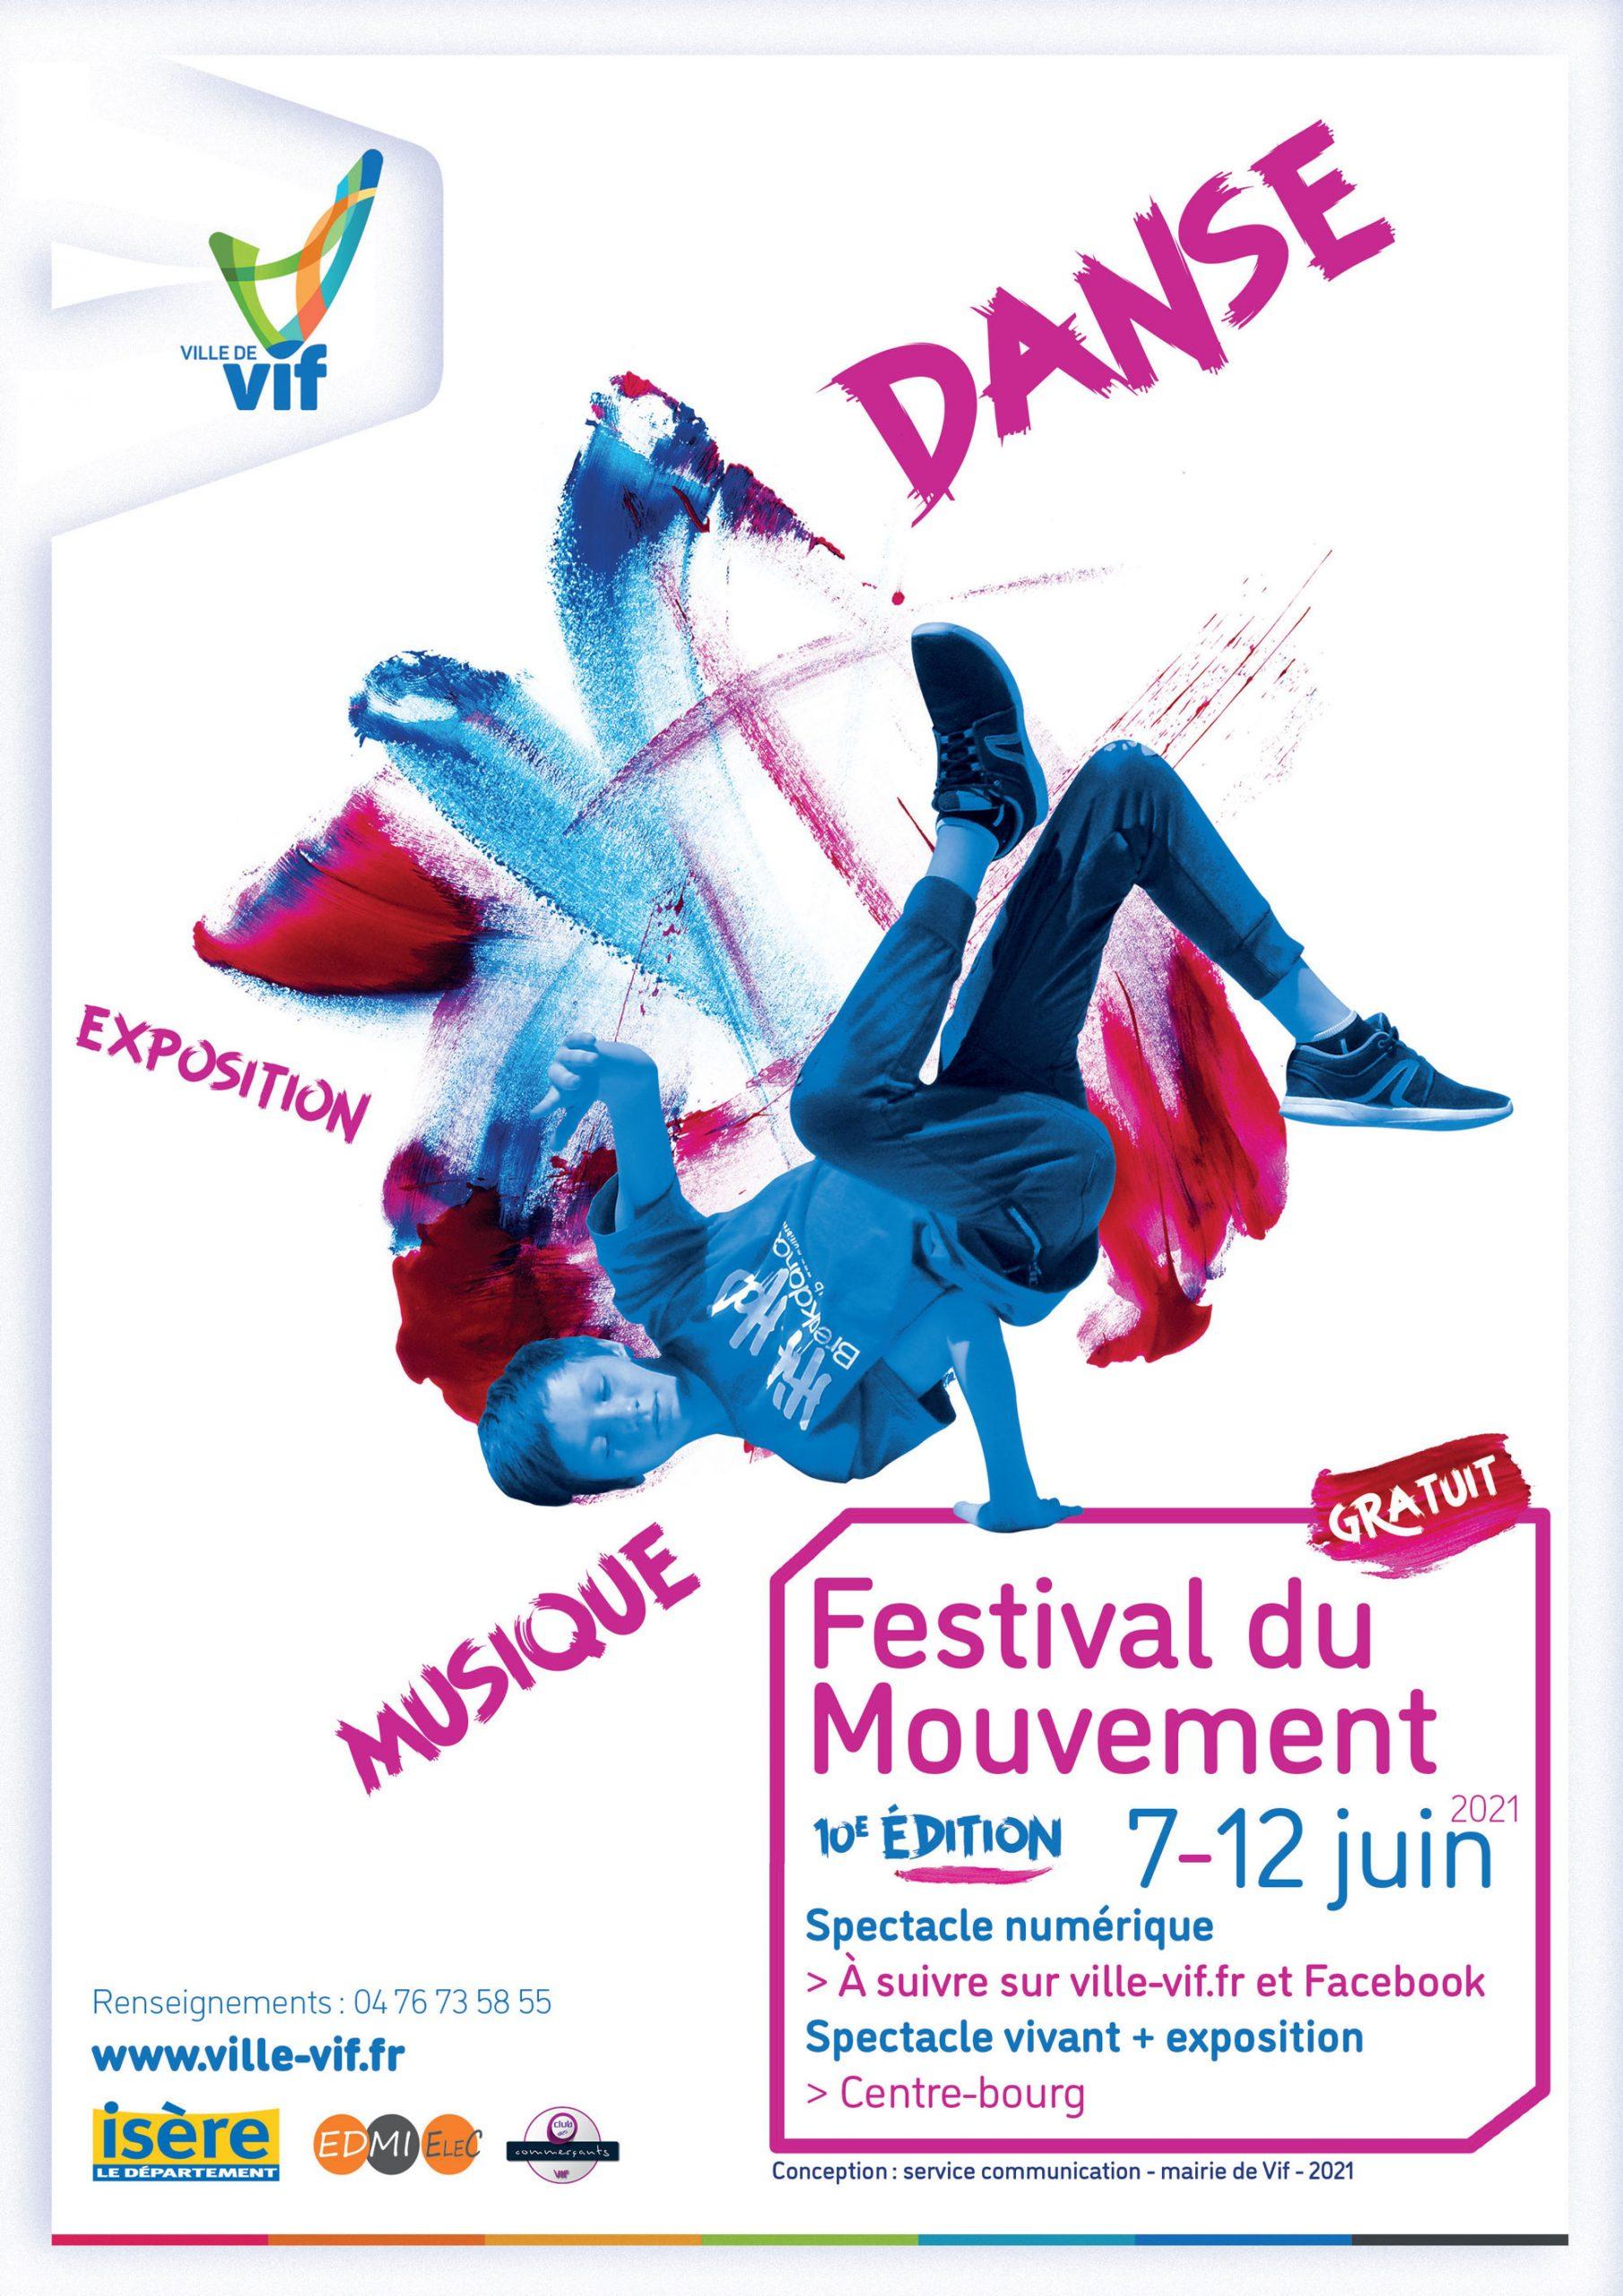 Agenda - Festival du Mouvement 2021